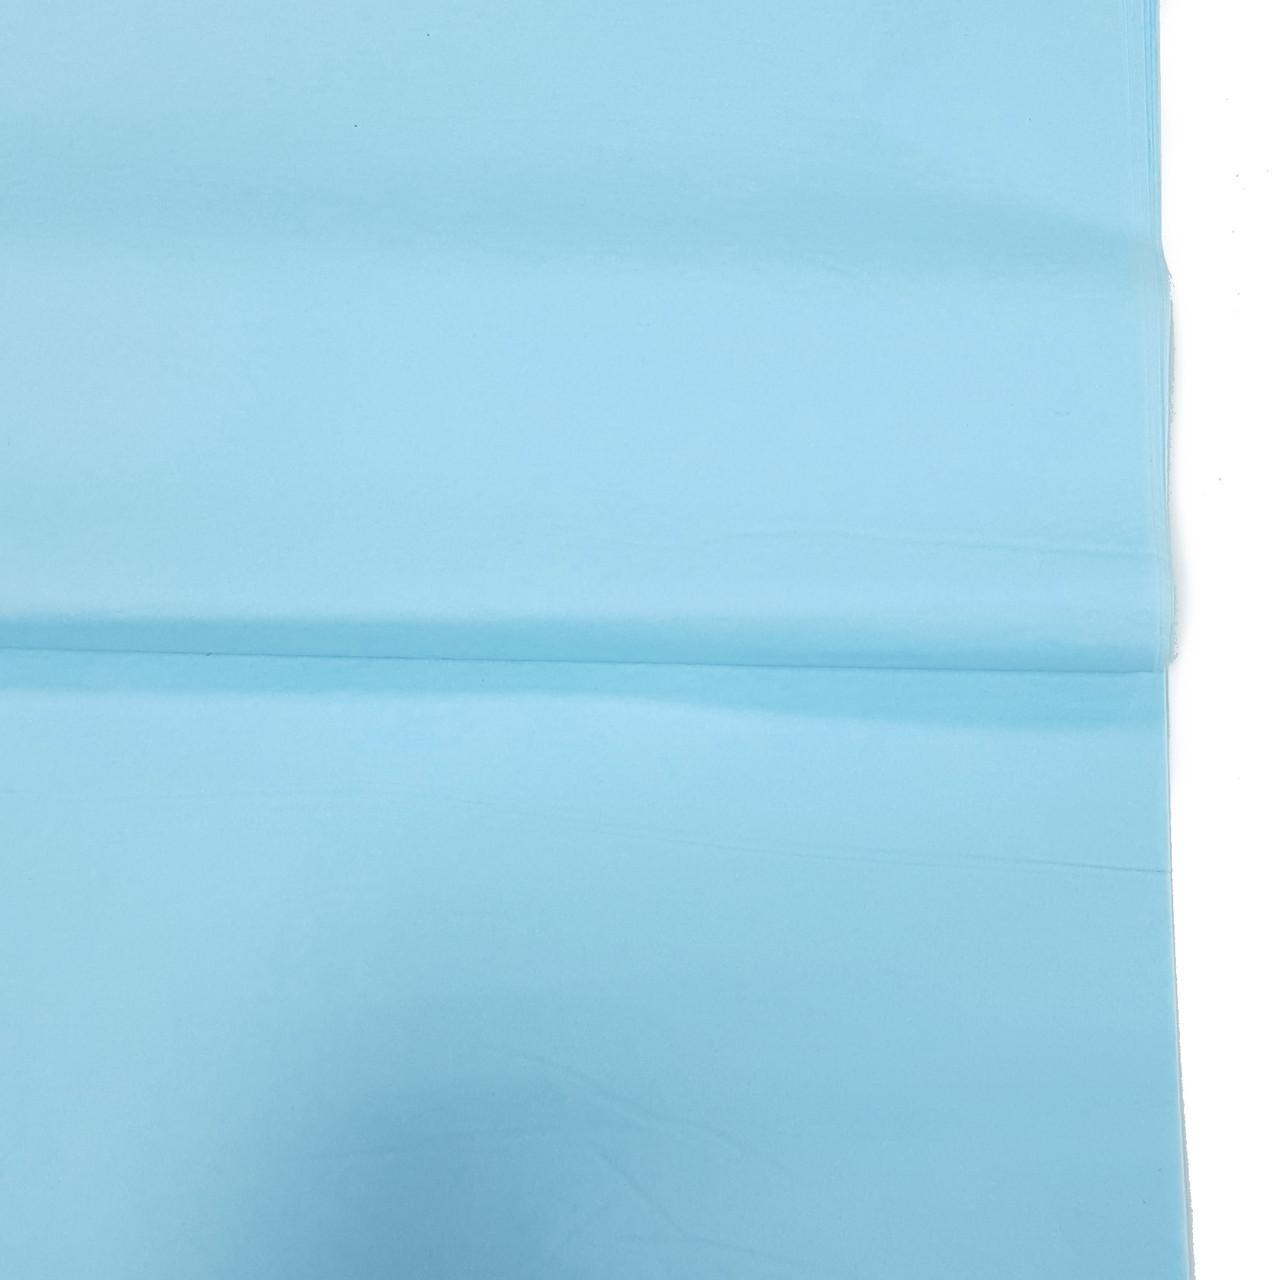 Бумага тишью нежно-голубая 100шт.